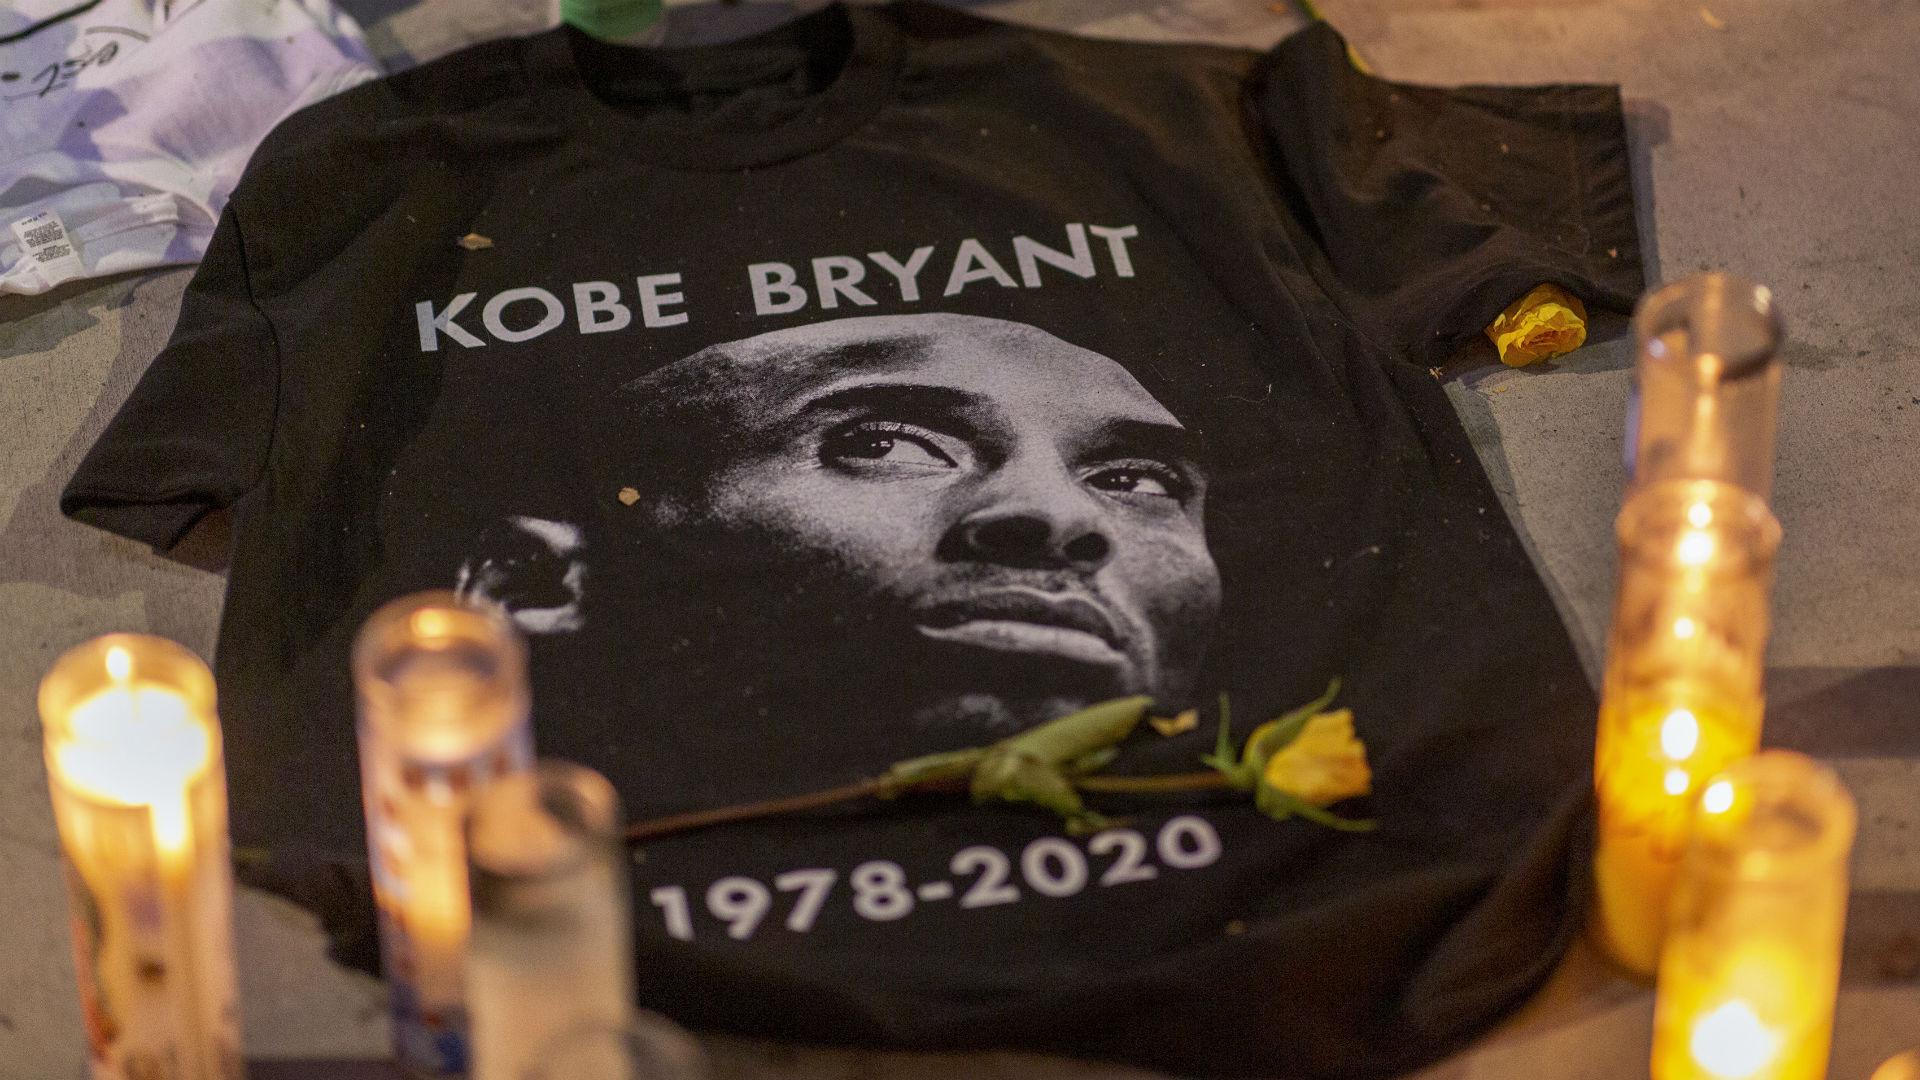 Cómo ver el servicio conmemorativo de Kobe Bryant: Hora, canal de televisión y transmisión en vivo para el tributo de los Lakers a la leyenda de la NBA 2